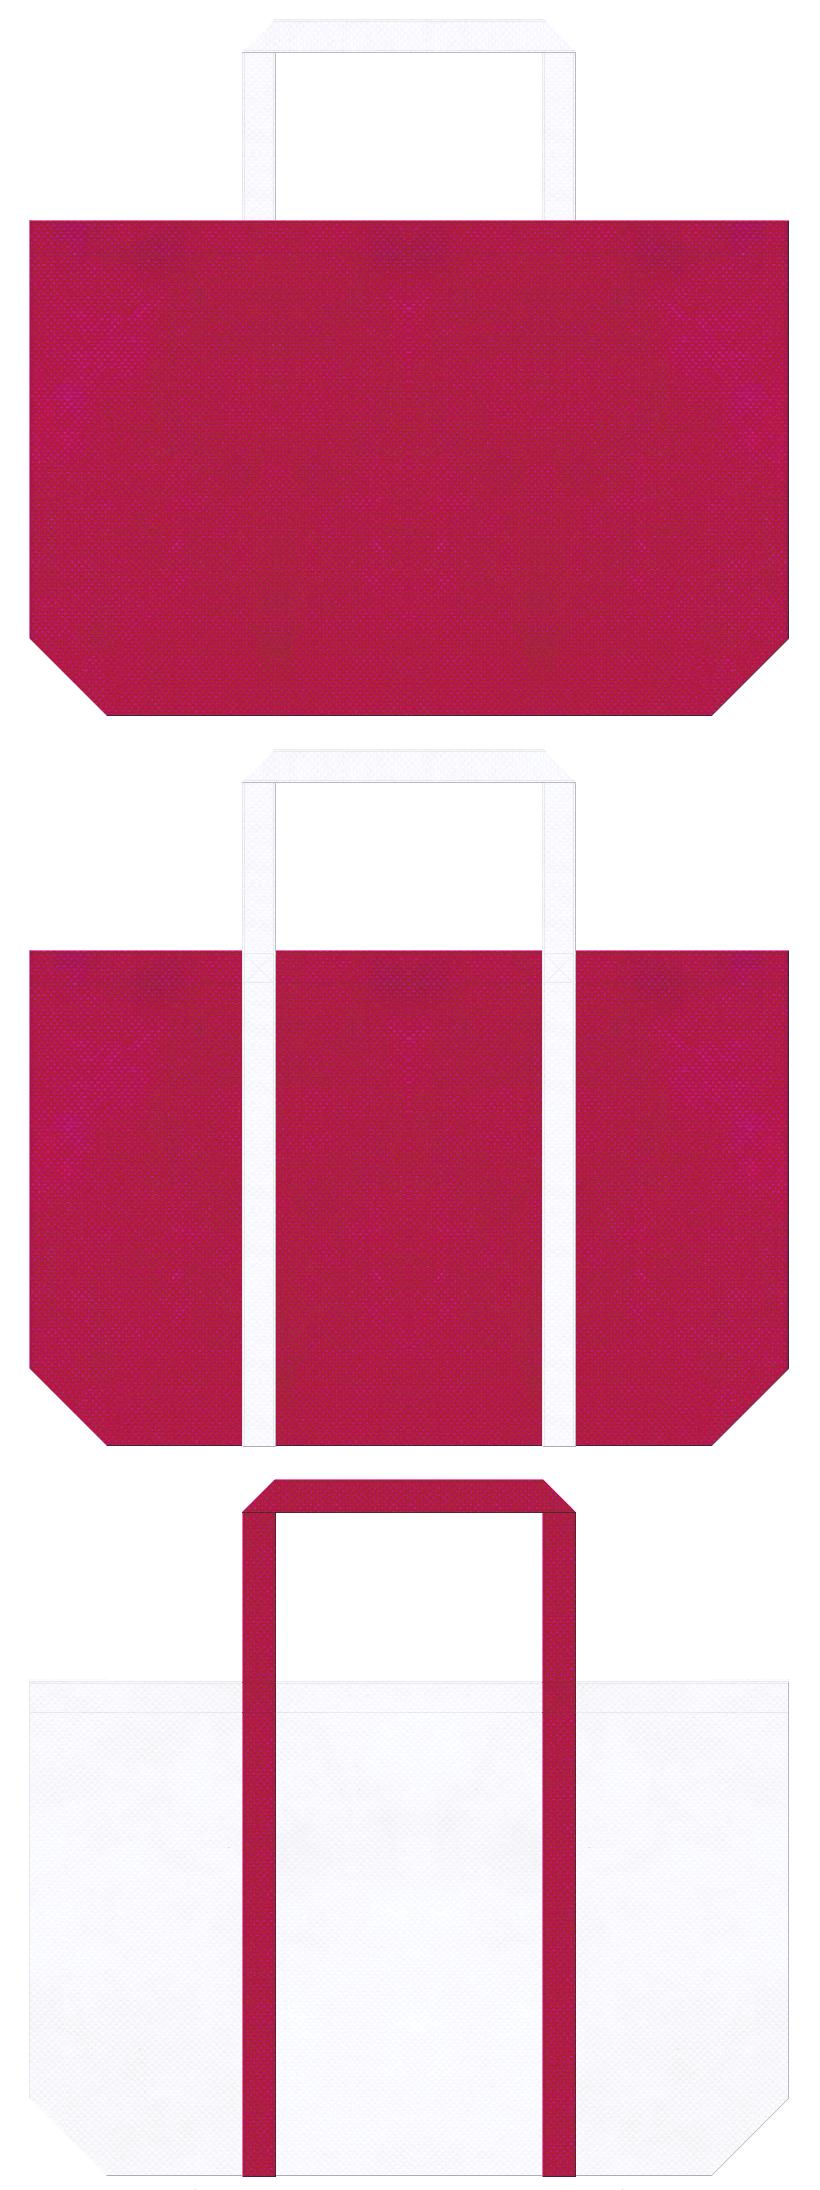 医療施設・医療ユニフォーム・スポーツイベントにお奨めの不織布バッグデザイン:濃いピンク色と白色のコーデ